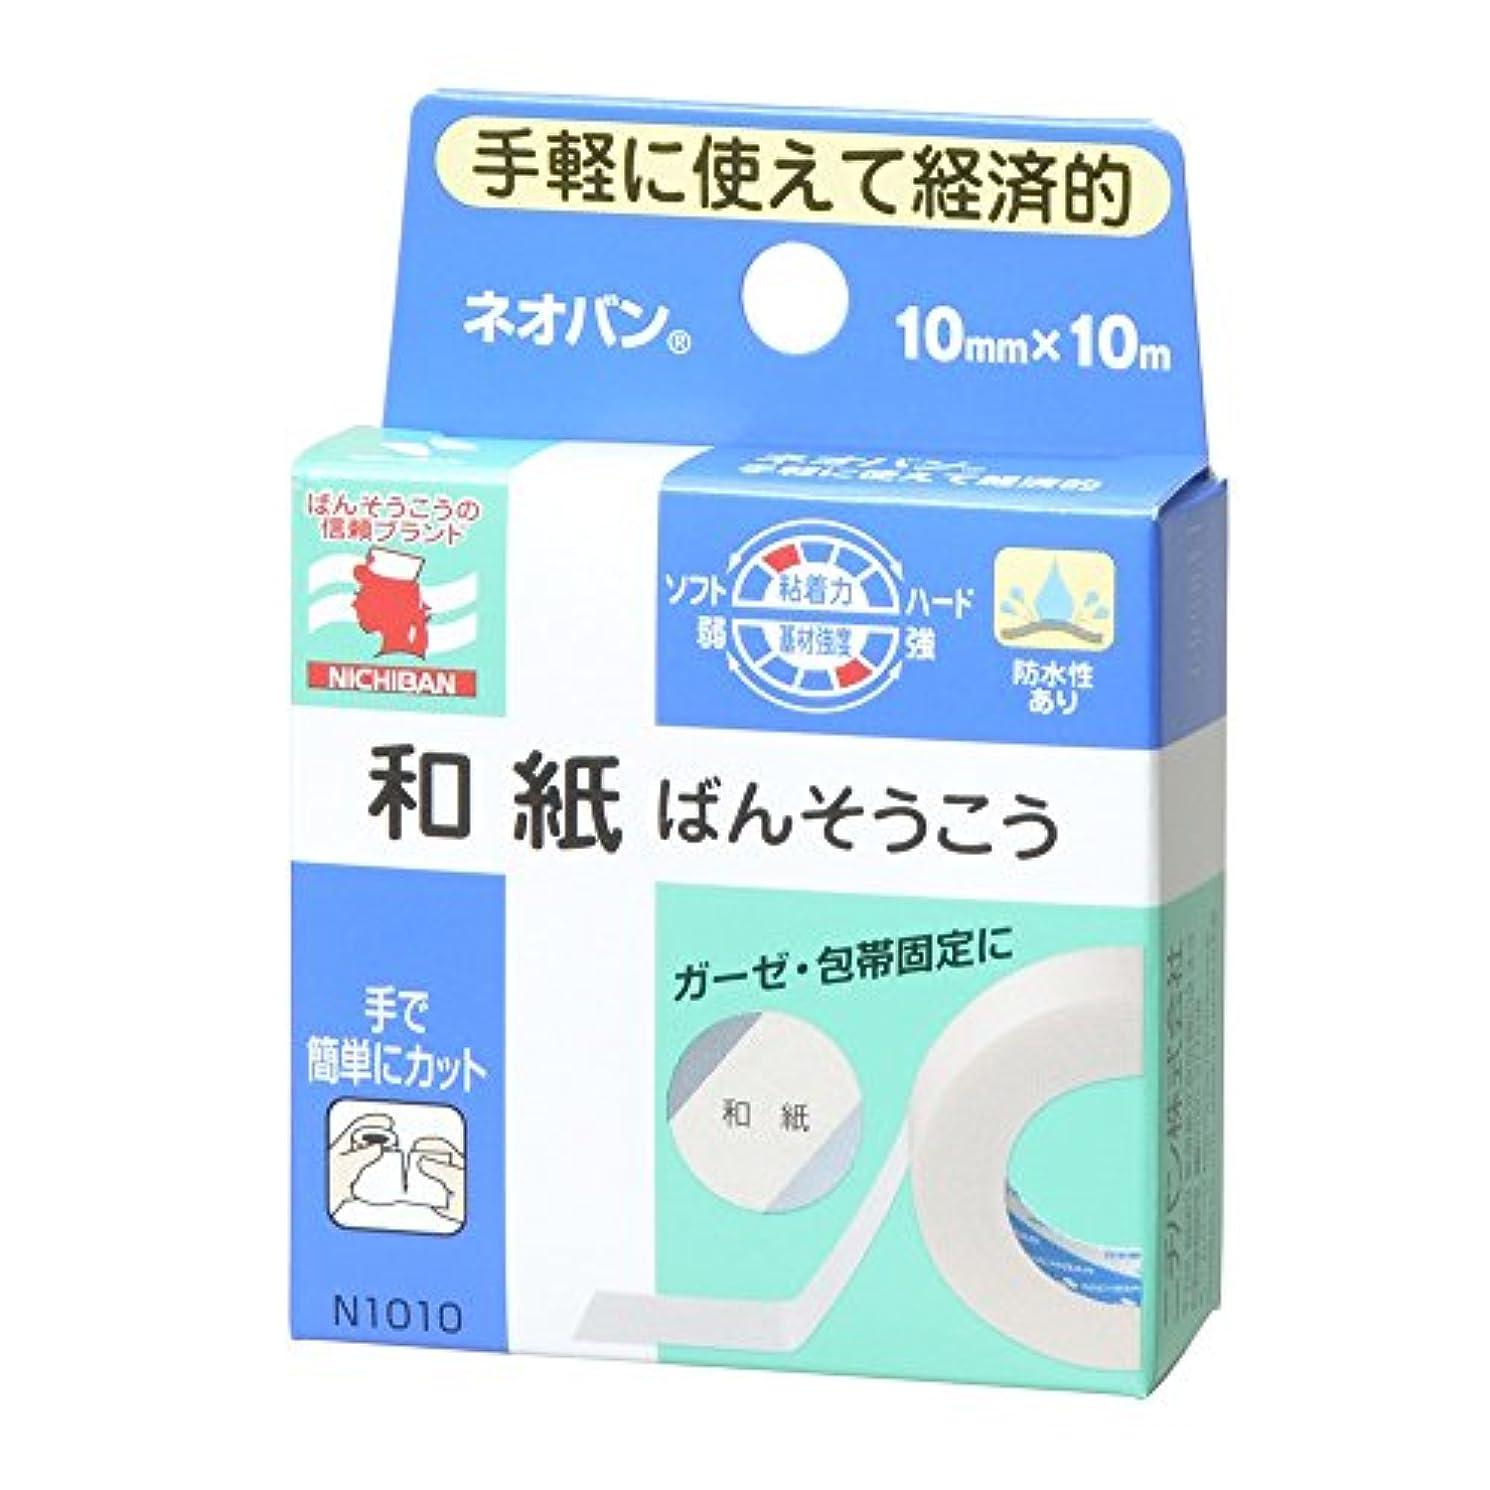 お浴後継ニチバンネオバン 10mm×10m N1010